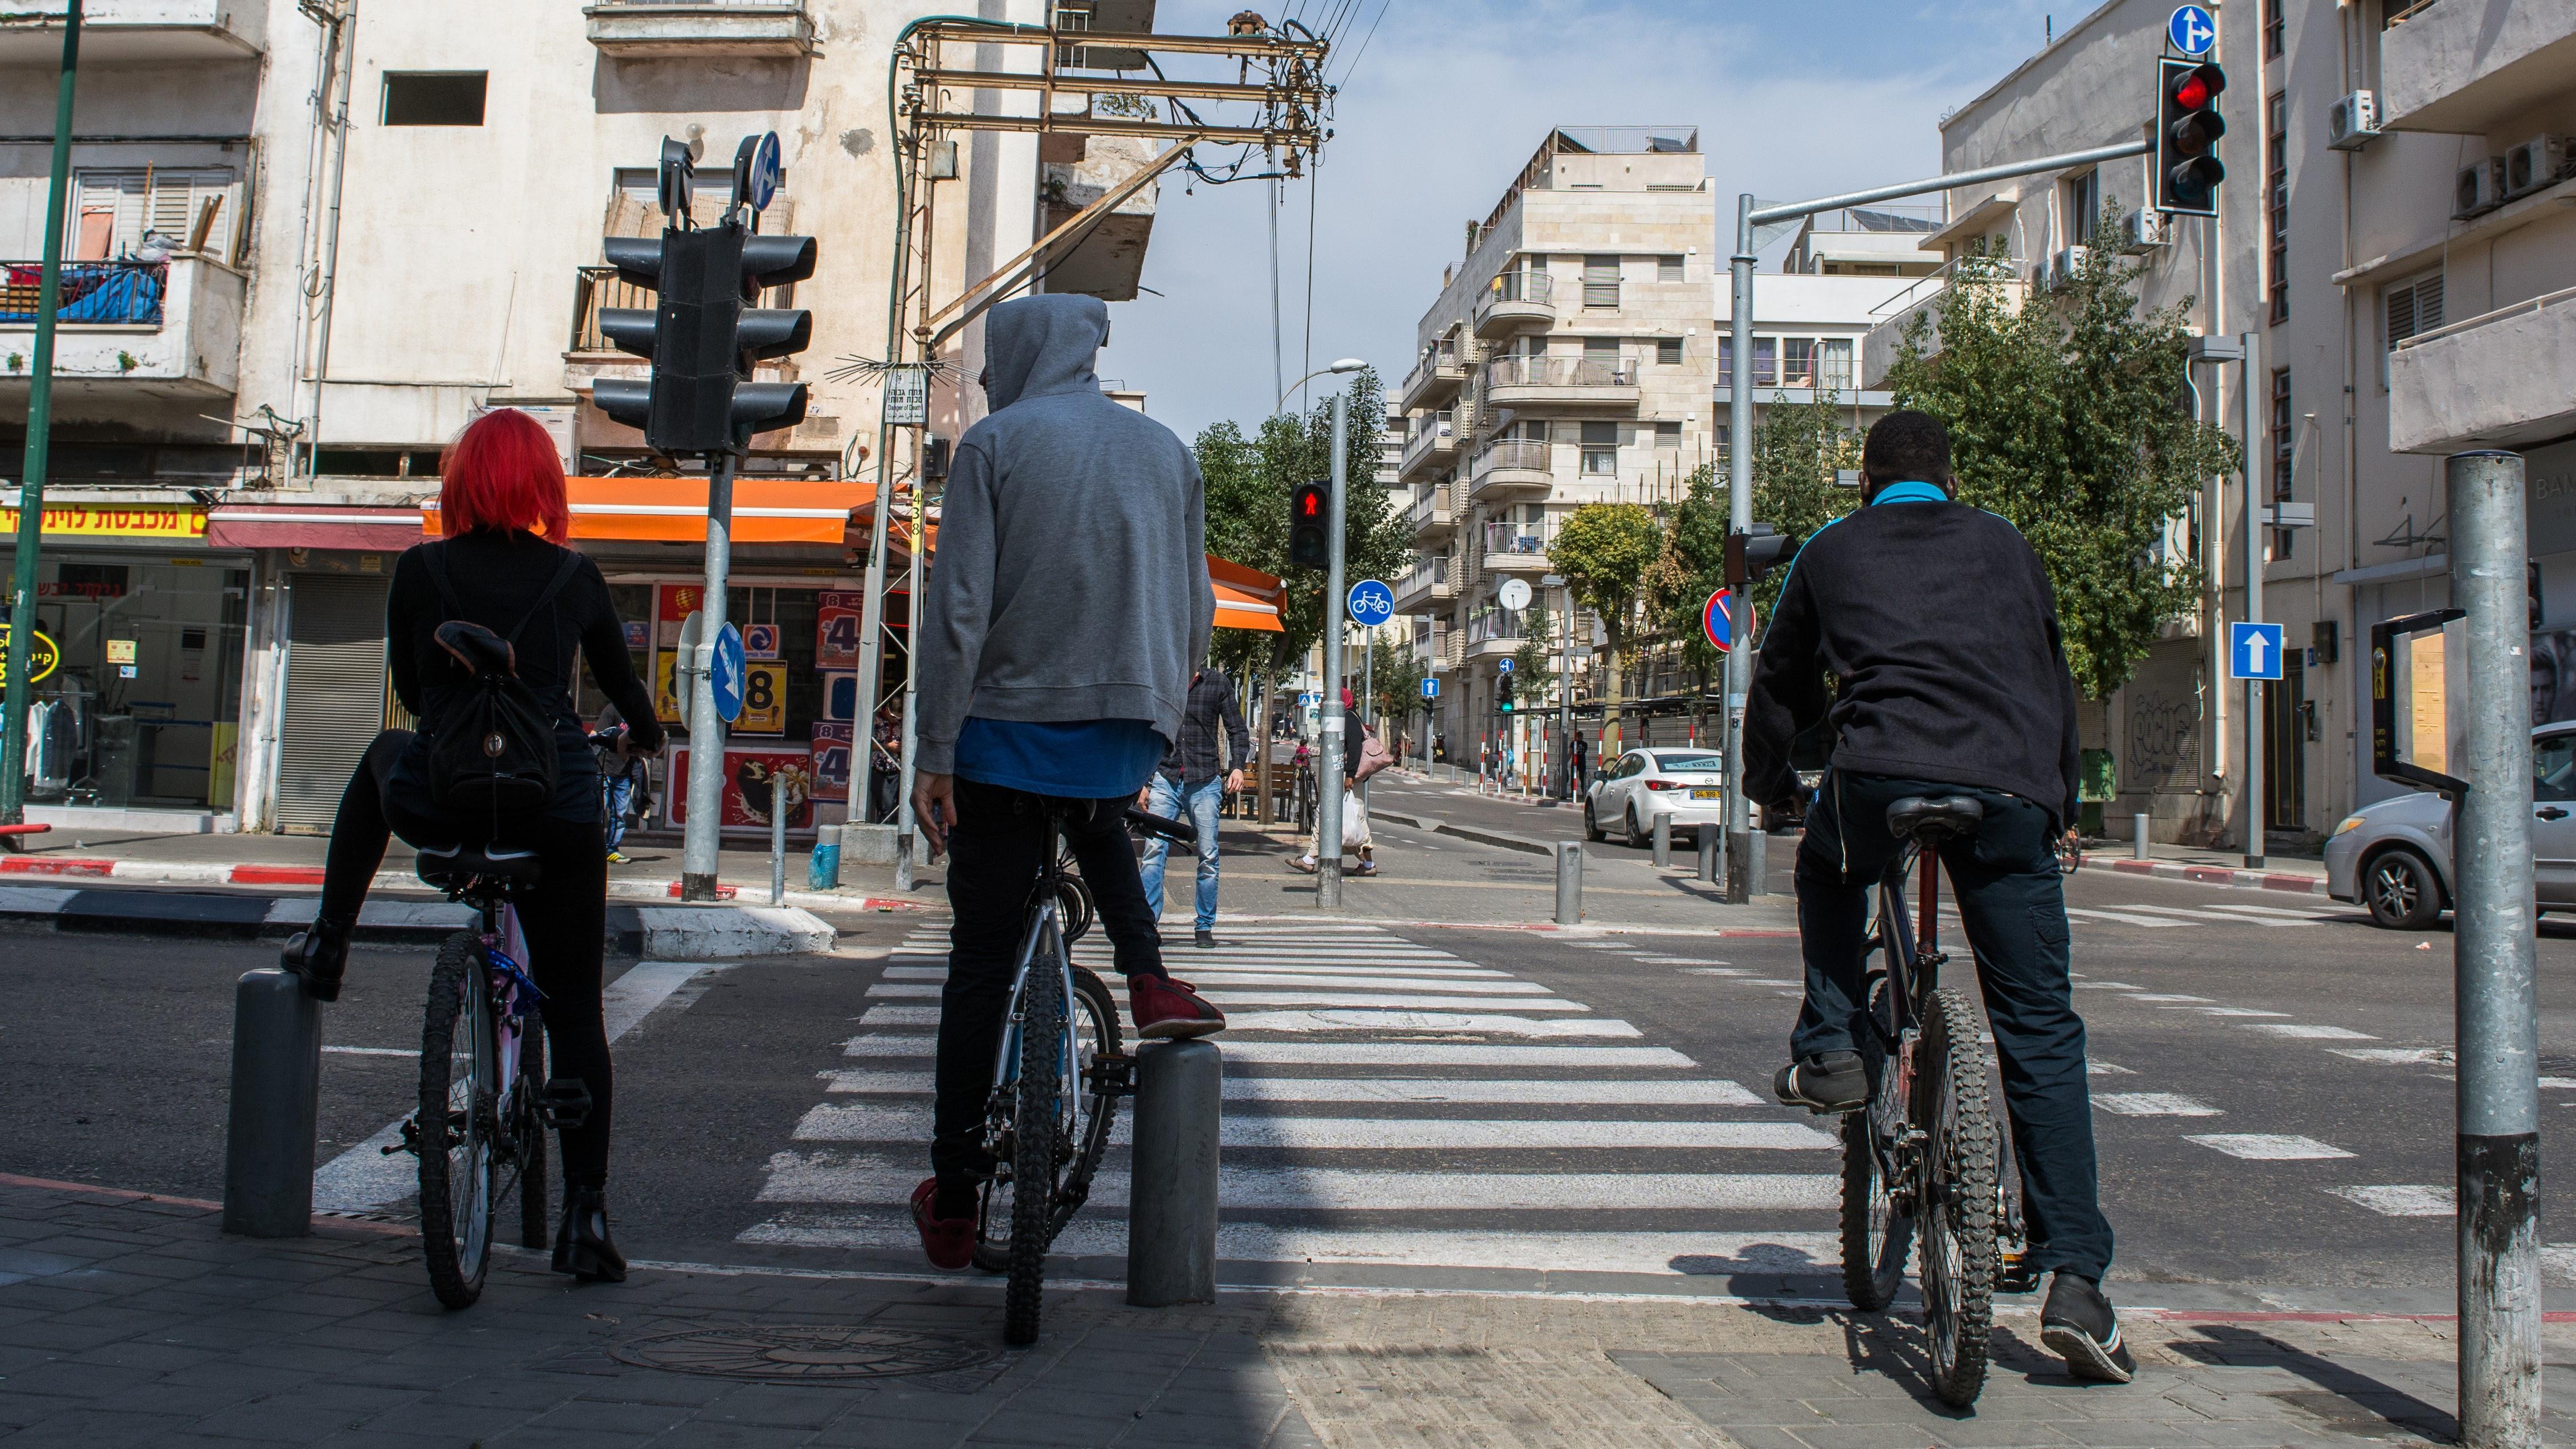 """אופניים חשמליים אינם בגדר """"רכב מנועי"""" לפי חוק הפיצויים לנפגעי תאונות דרכים / מאת עו""""ד ג'ון גבע"""